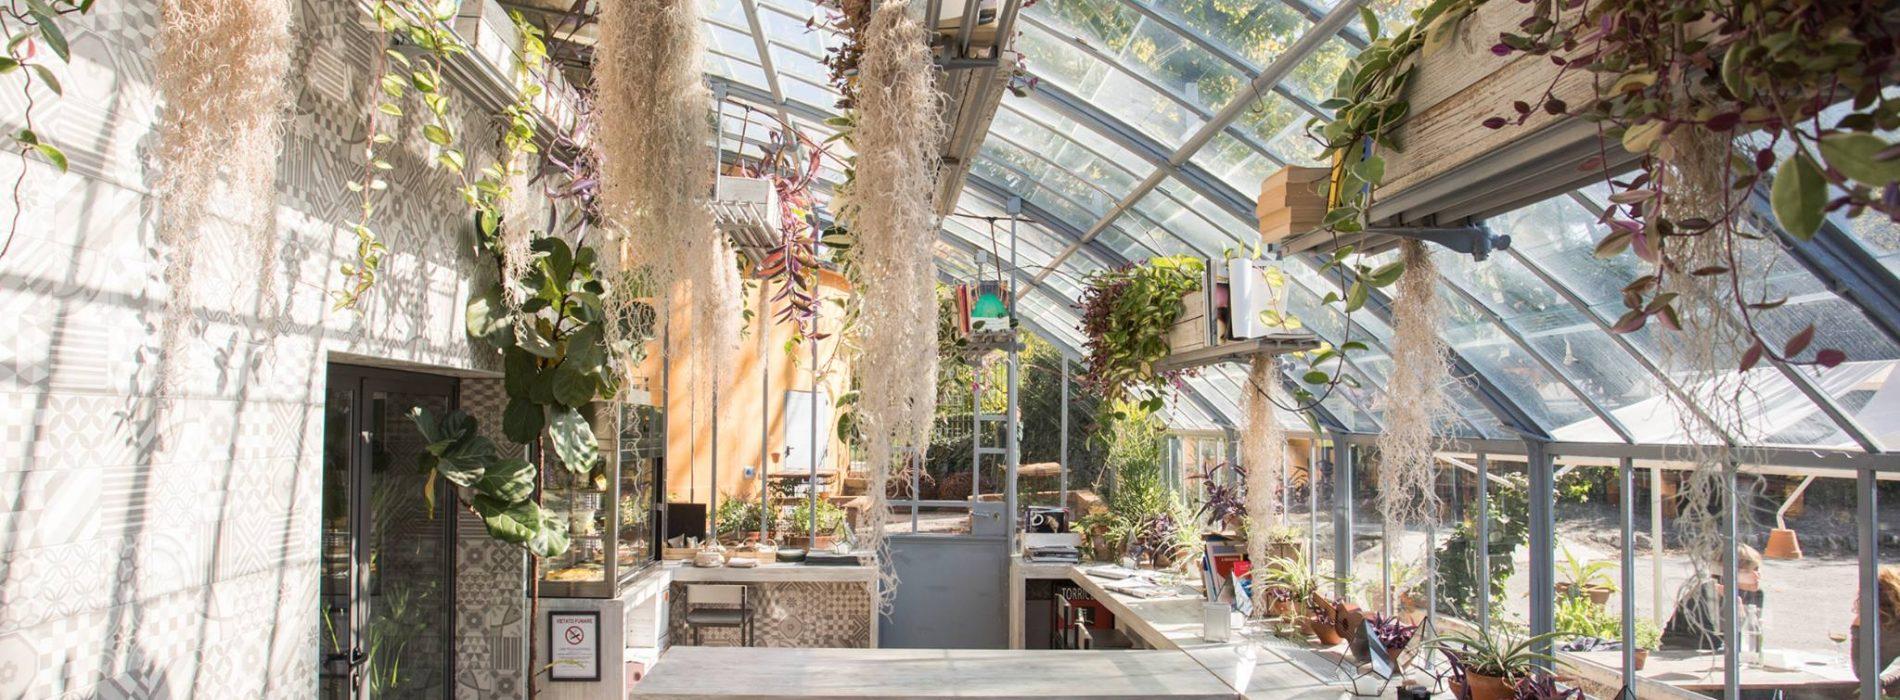 Vetro bologna serre giardini margherita puntarella rossa - I giardini di marzo ristorante roma ...